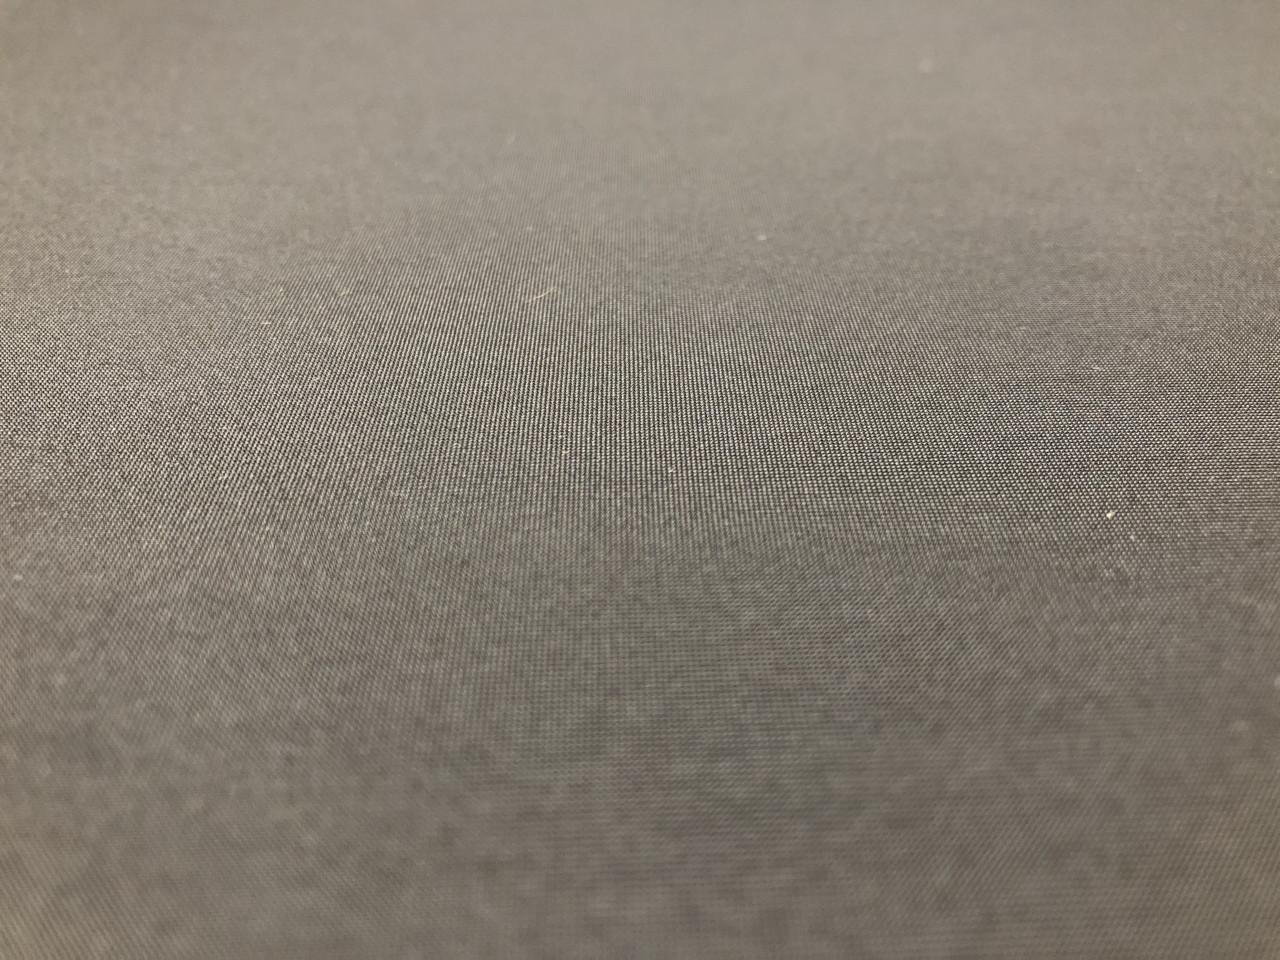 雷電(ライデン)-表面の質感比較2